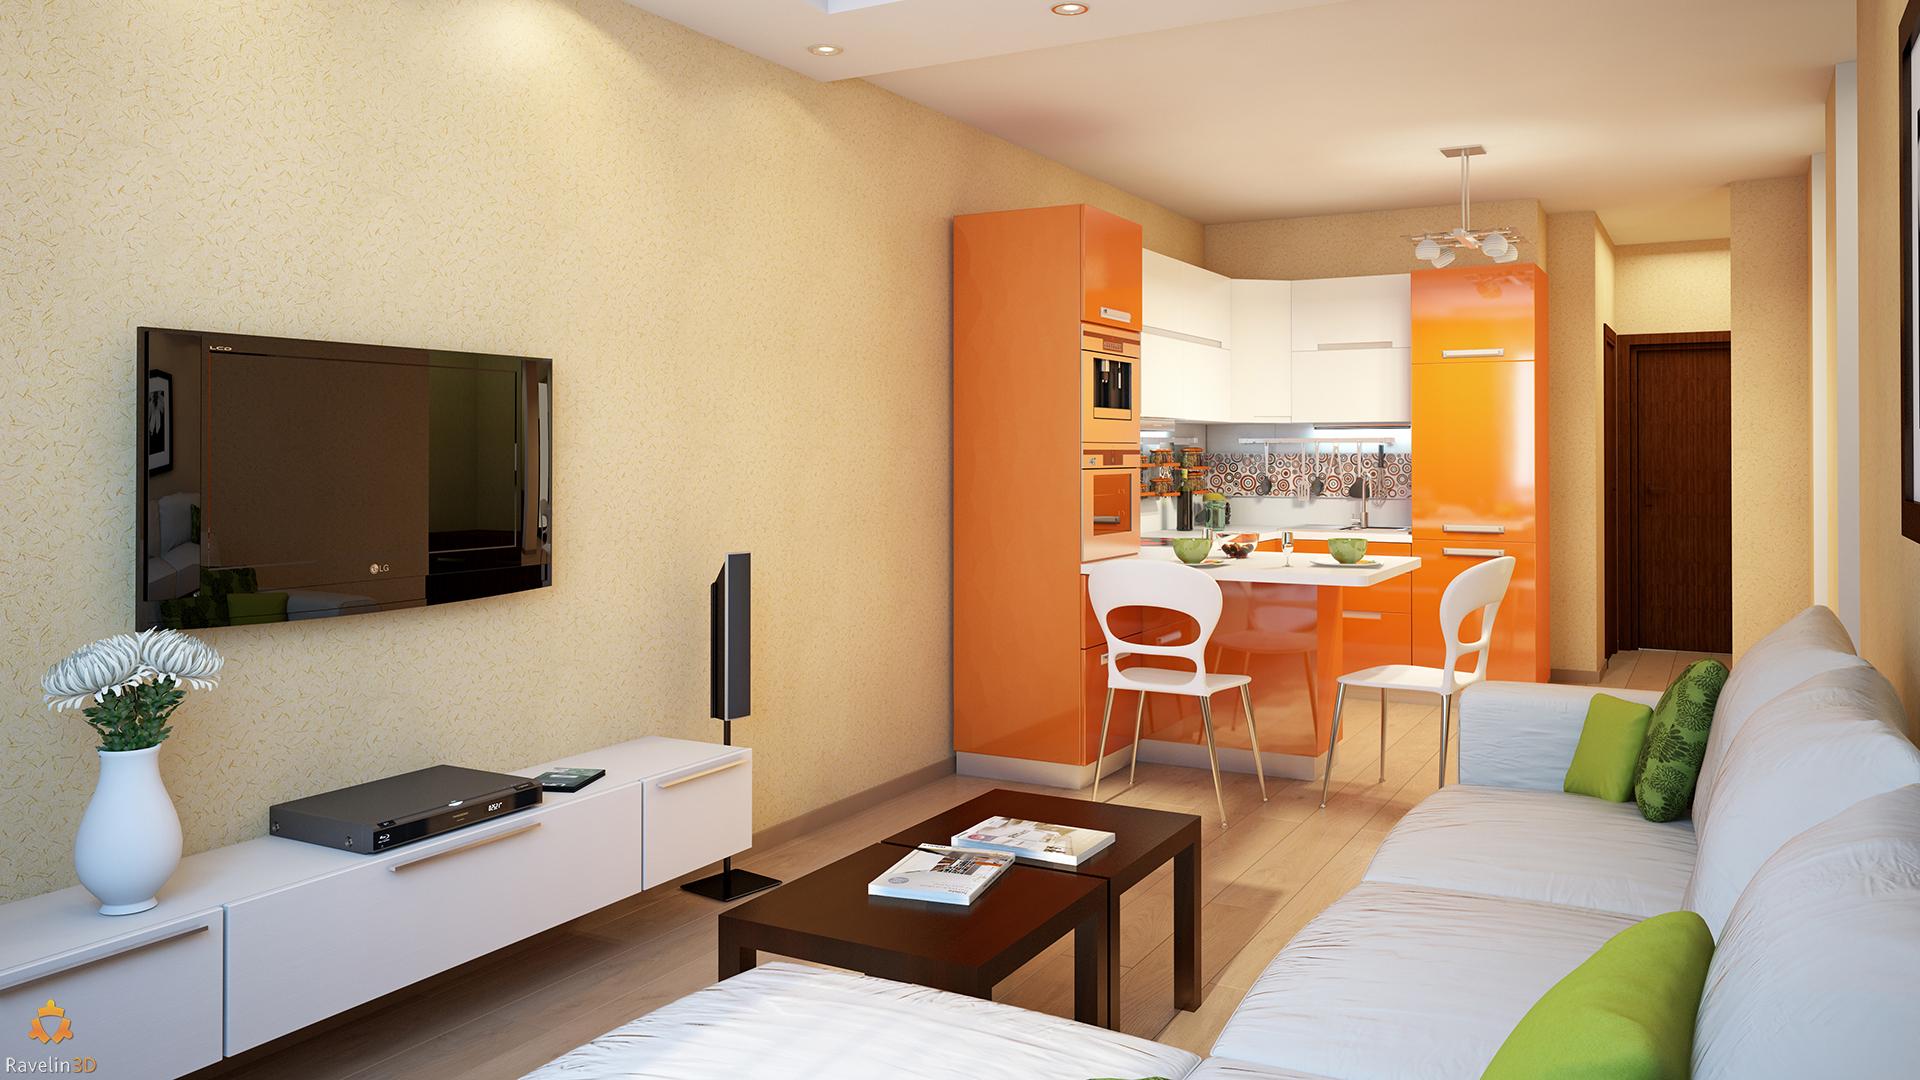 Кухня гостиная 25 кв м дизайн с мебелью